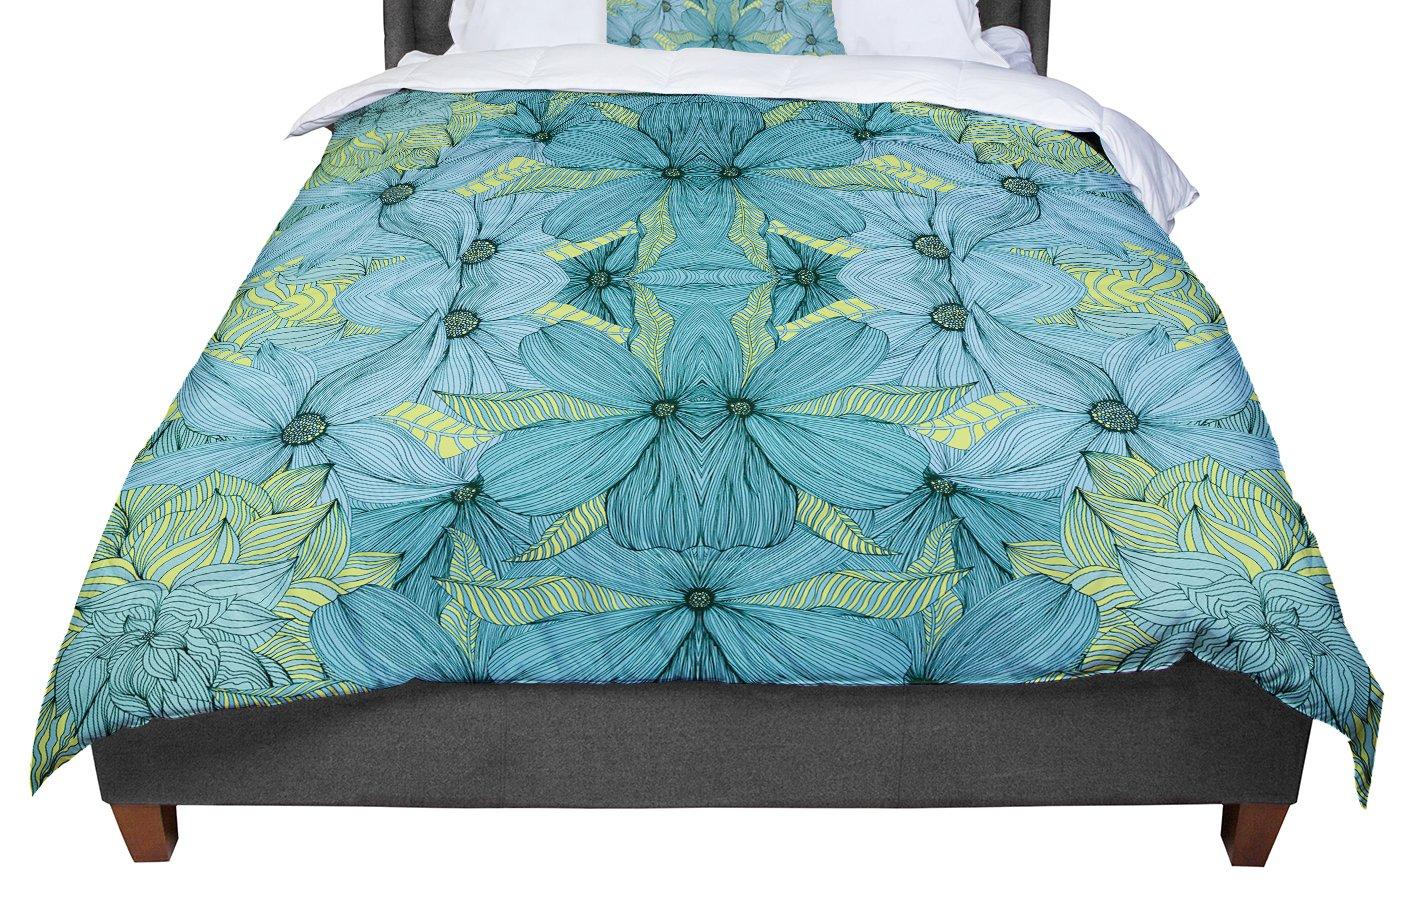 KESS InHouse Akwaflorell Blues in Blue Queen Comforter 88 X 88